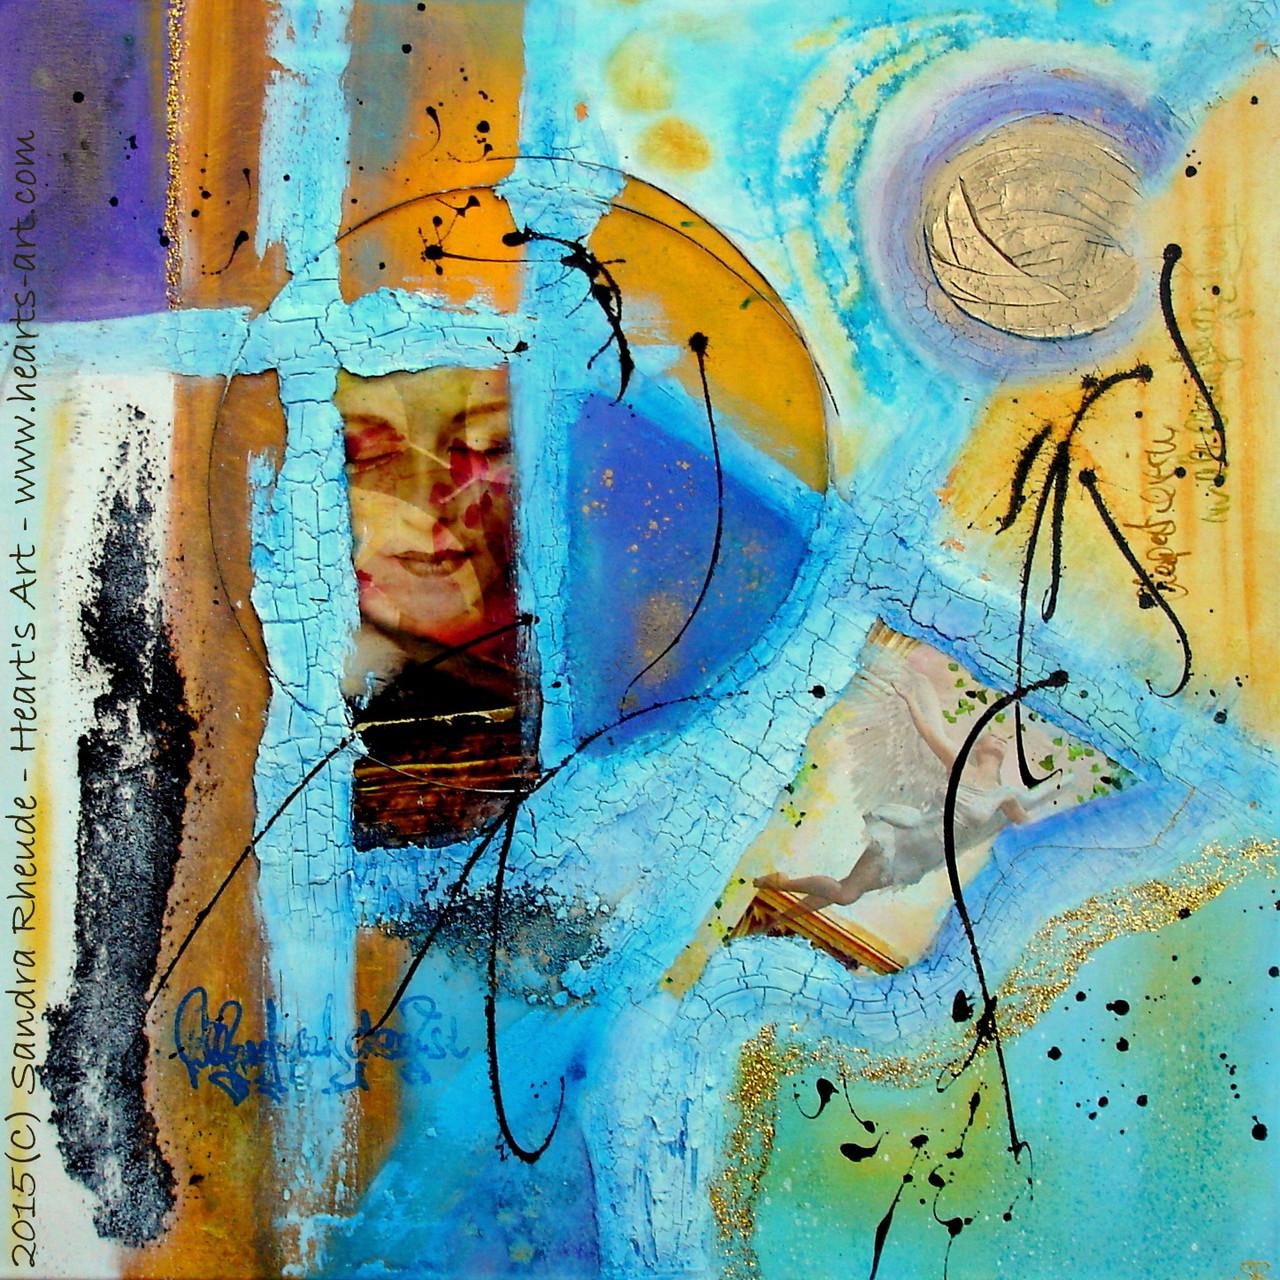 'Feld der Träume' - 2015/05 - Acryl/MixedMedia auf Leinwand - 70 x 70 cm - € 330